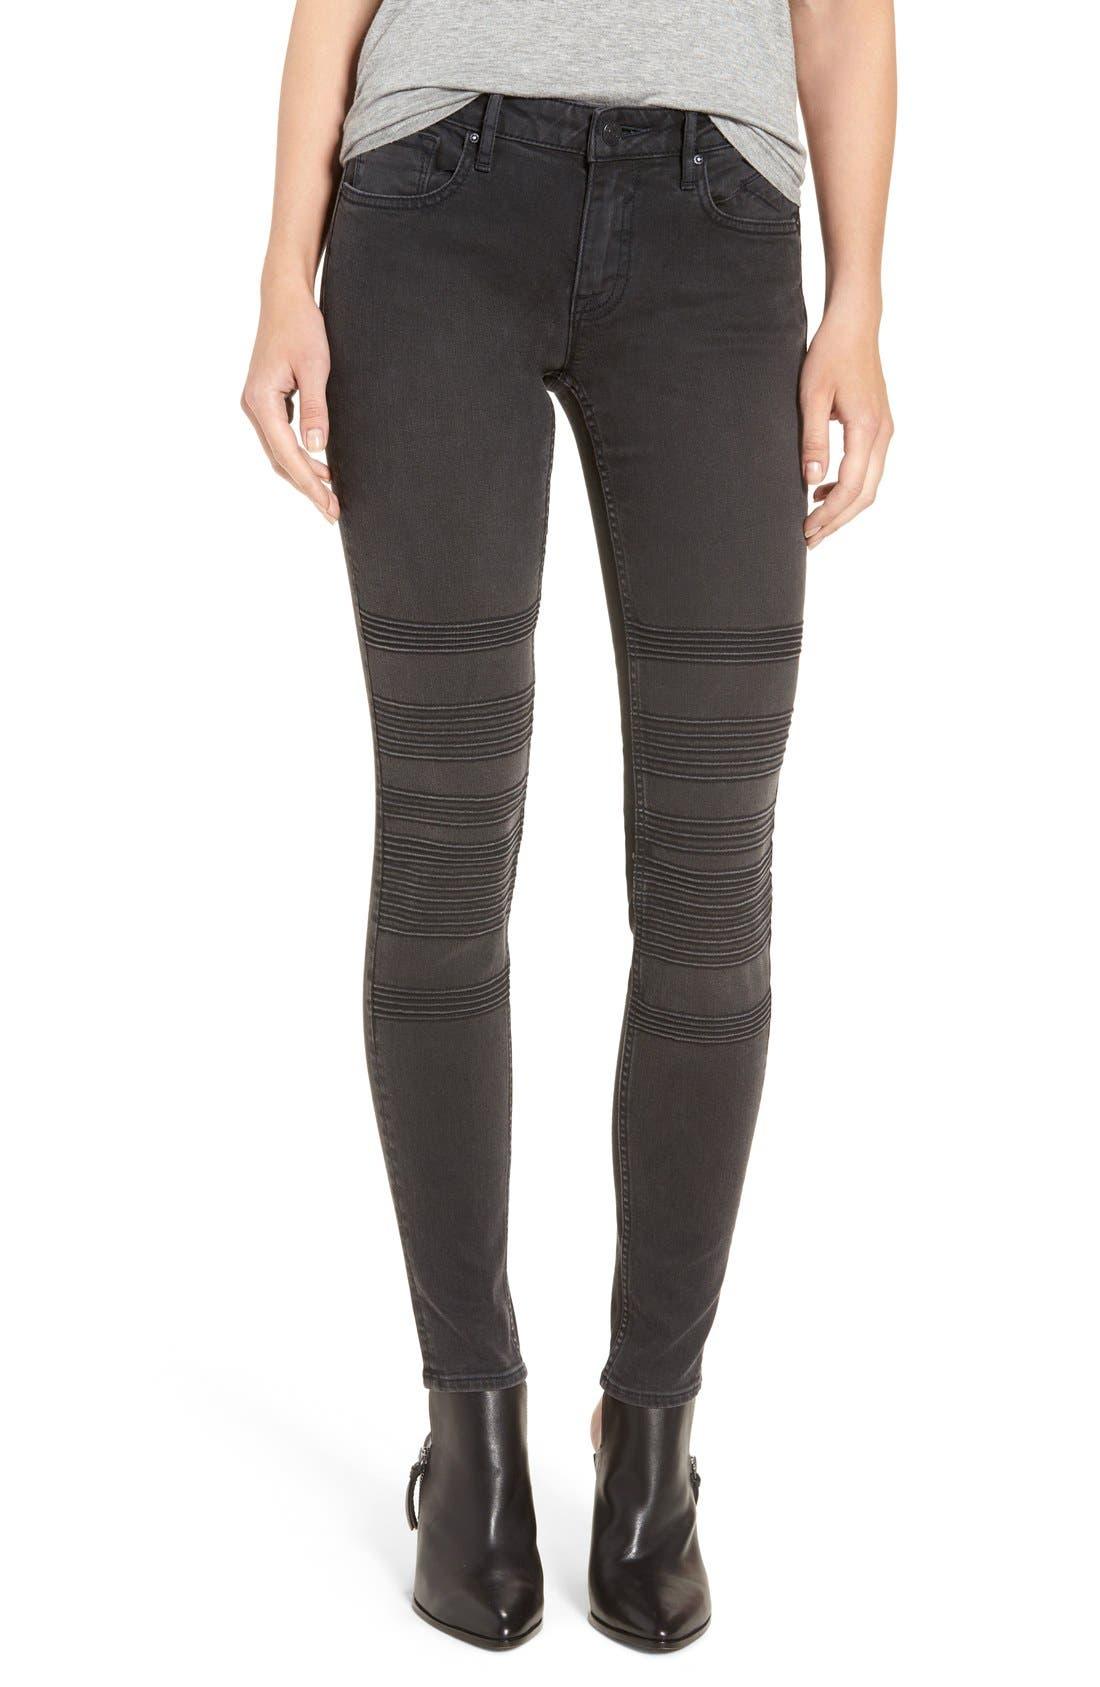 Alternate Image 1 Selected - Vigoss 'Chelsea' Moto Skinny Jeans